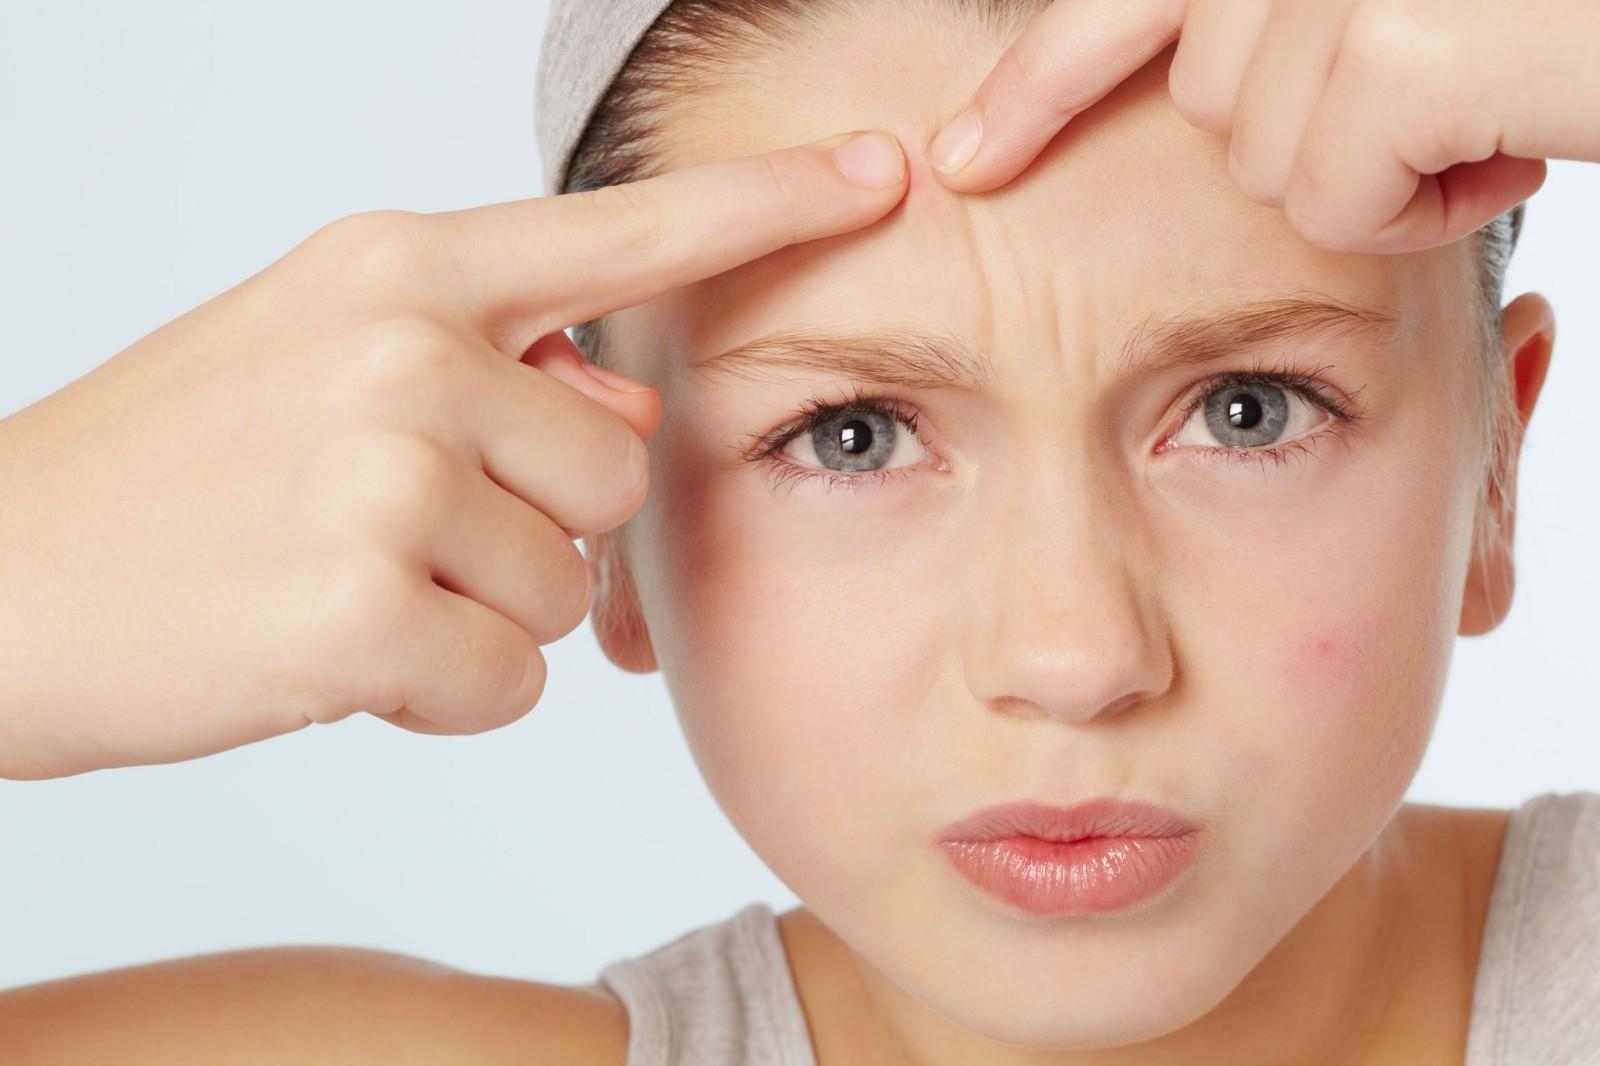 Chuyên gia da liễu khuyên bạn nên làm 5 điều này hàng ngày để làn da luôn khỏe mạnh - Ảnh 3.